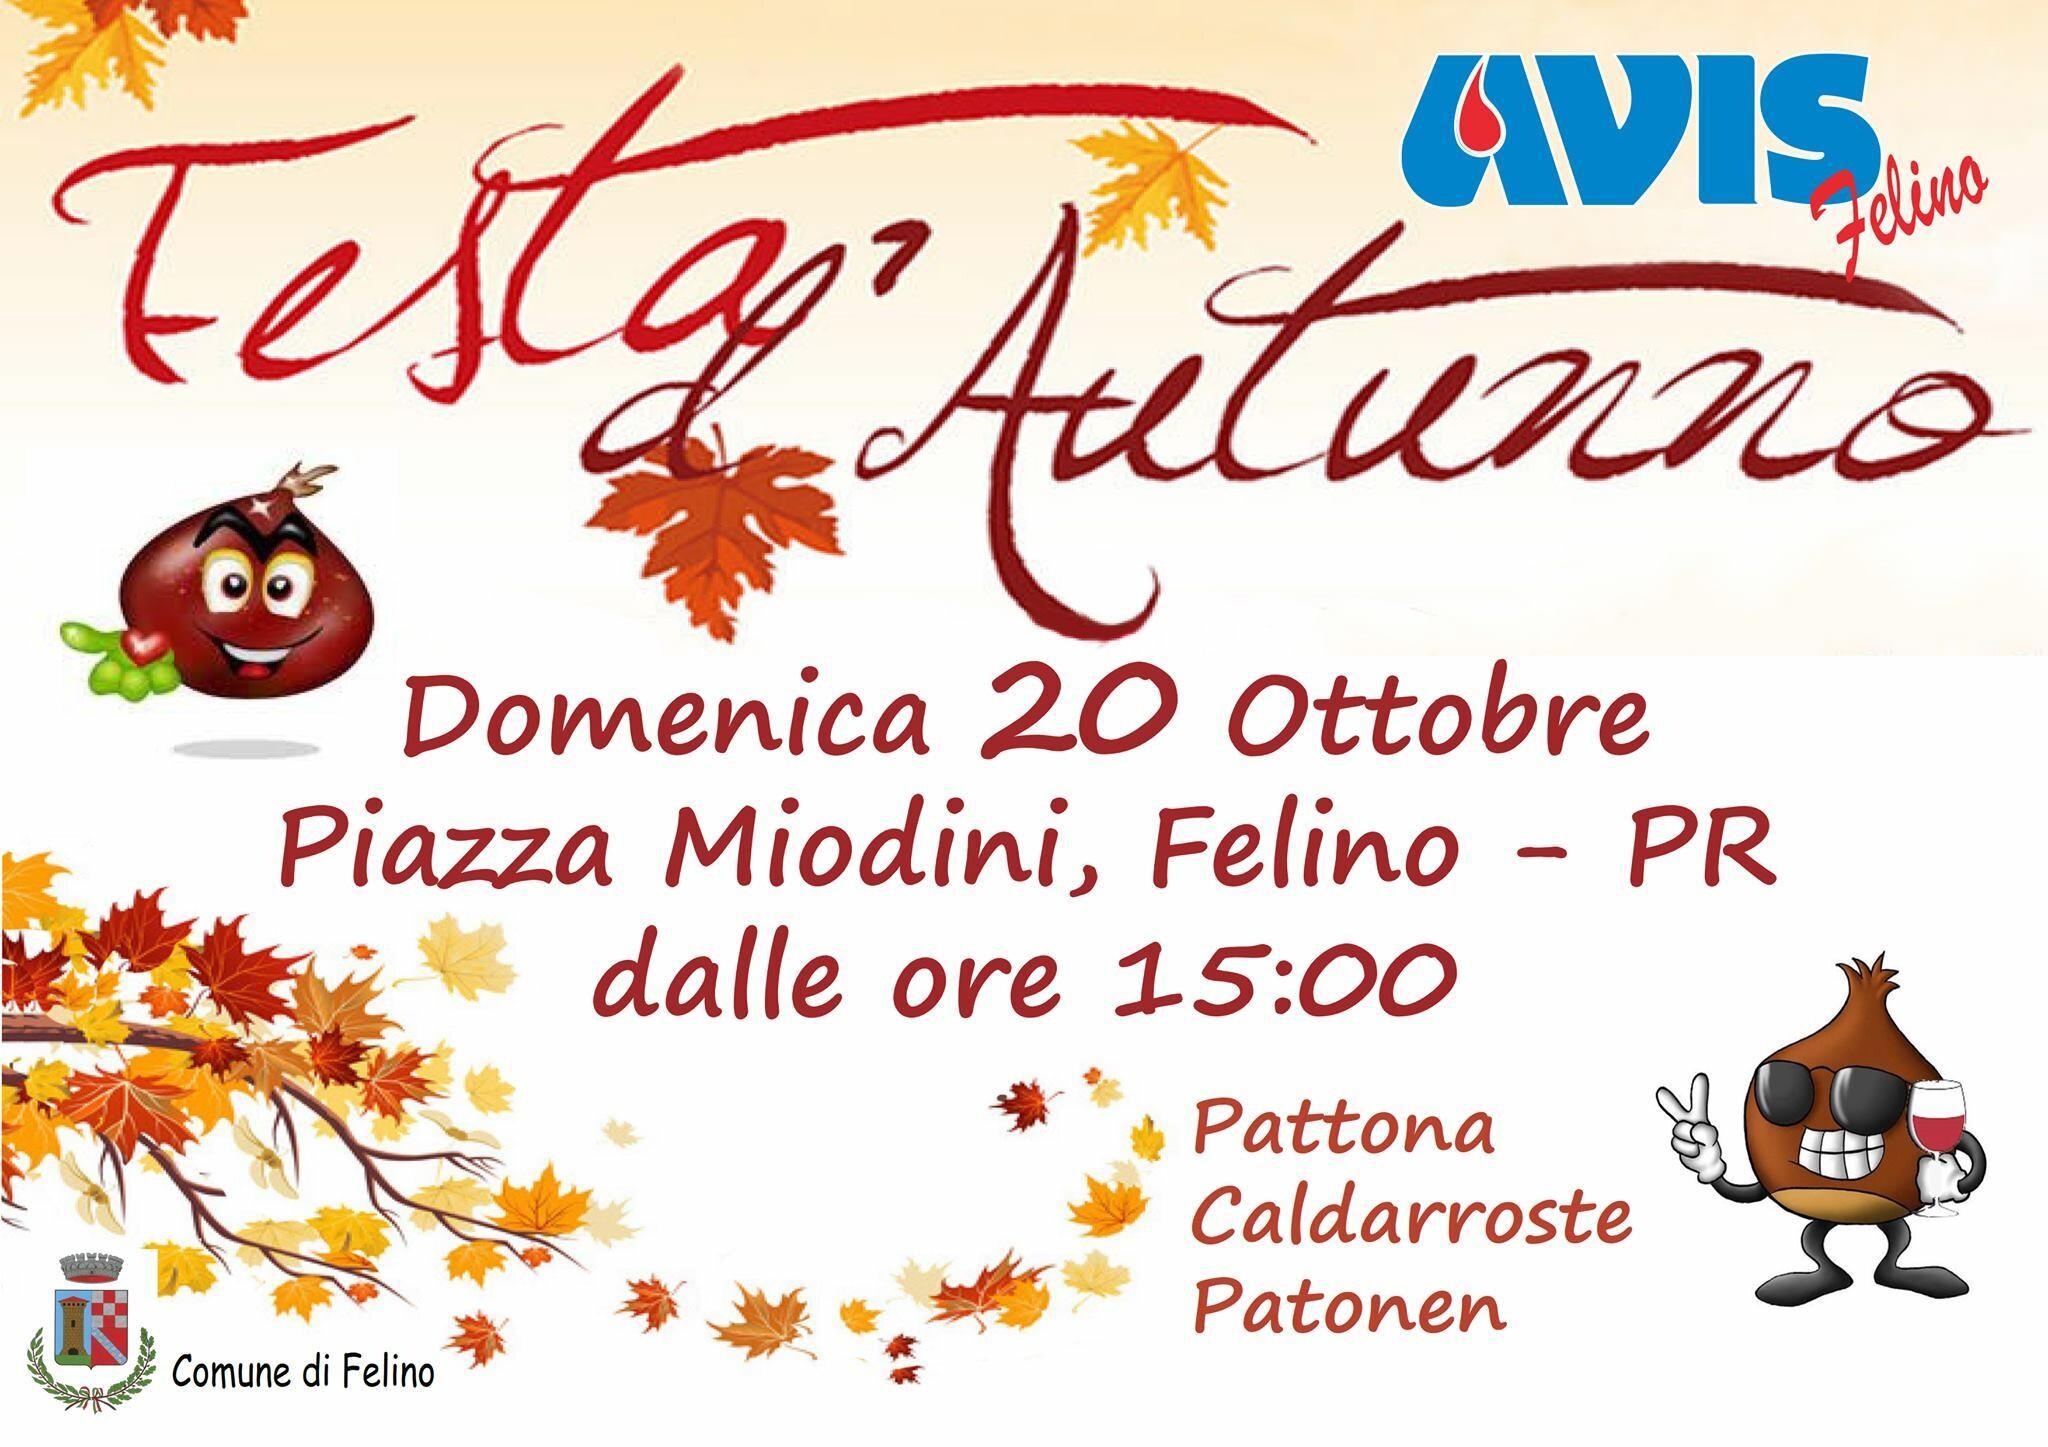 Festa d'Autunno: Castagnata dell'Avis in piazza Miodini